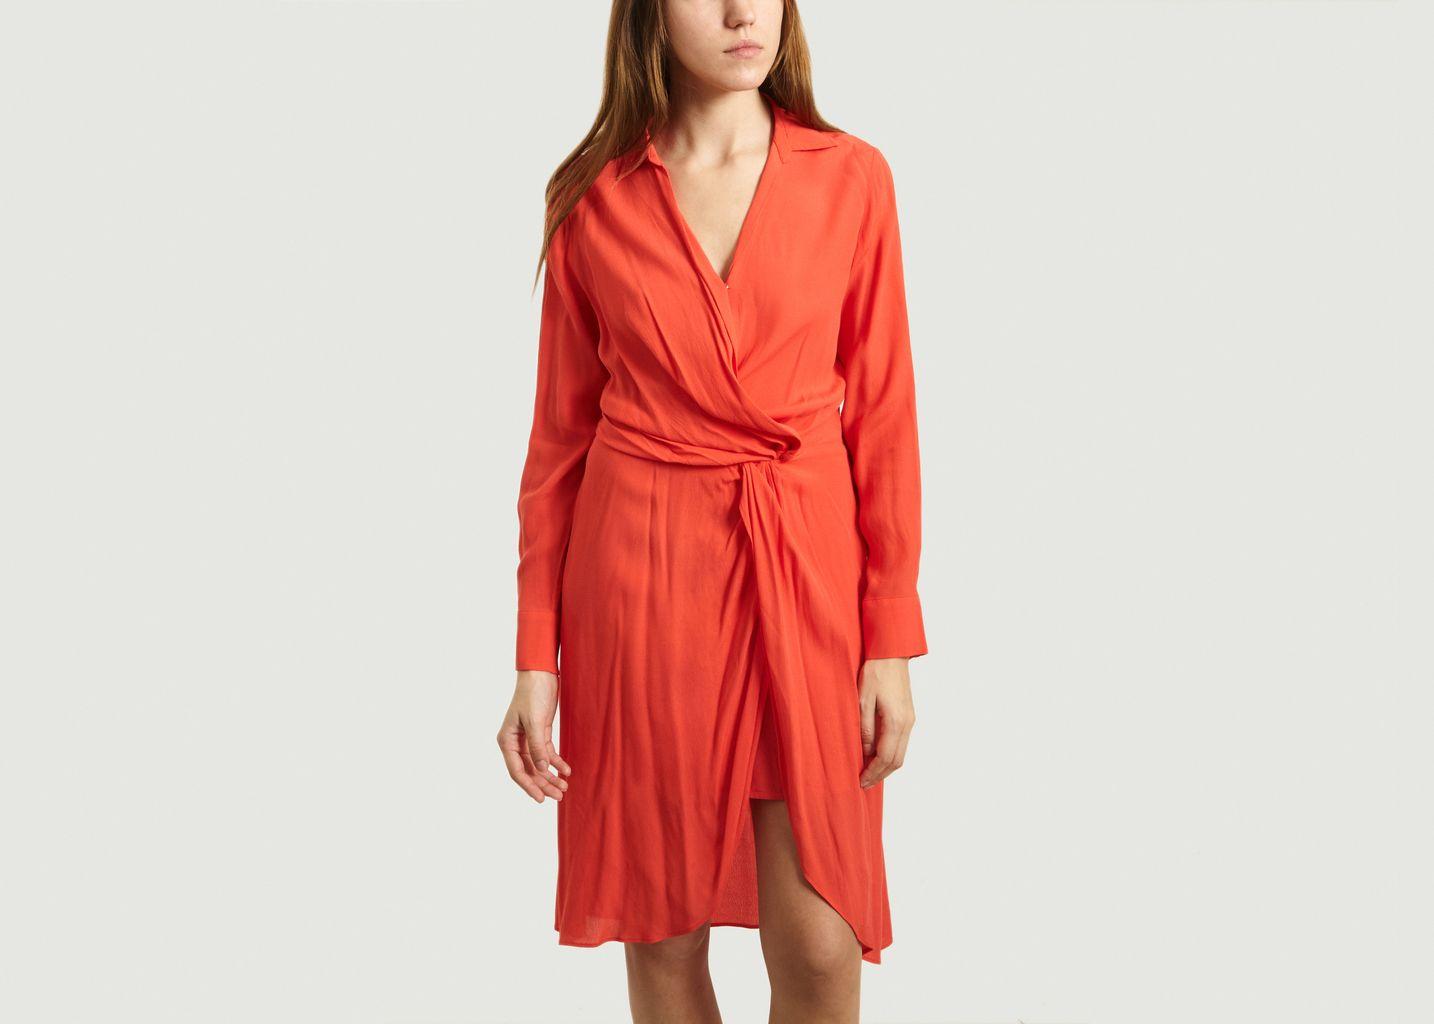 Robe Carita - Suncoo